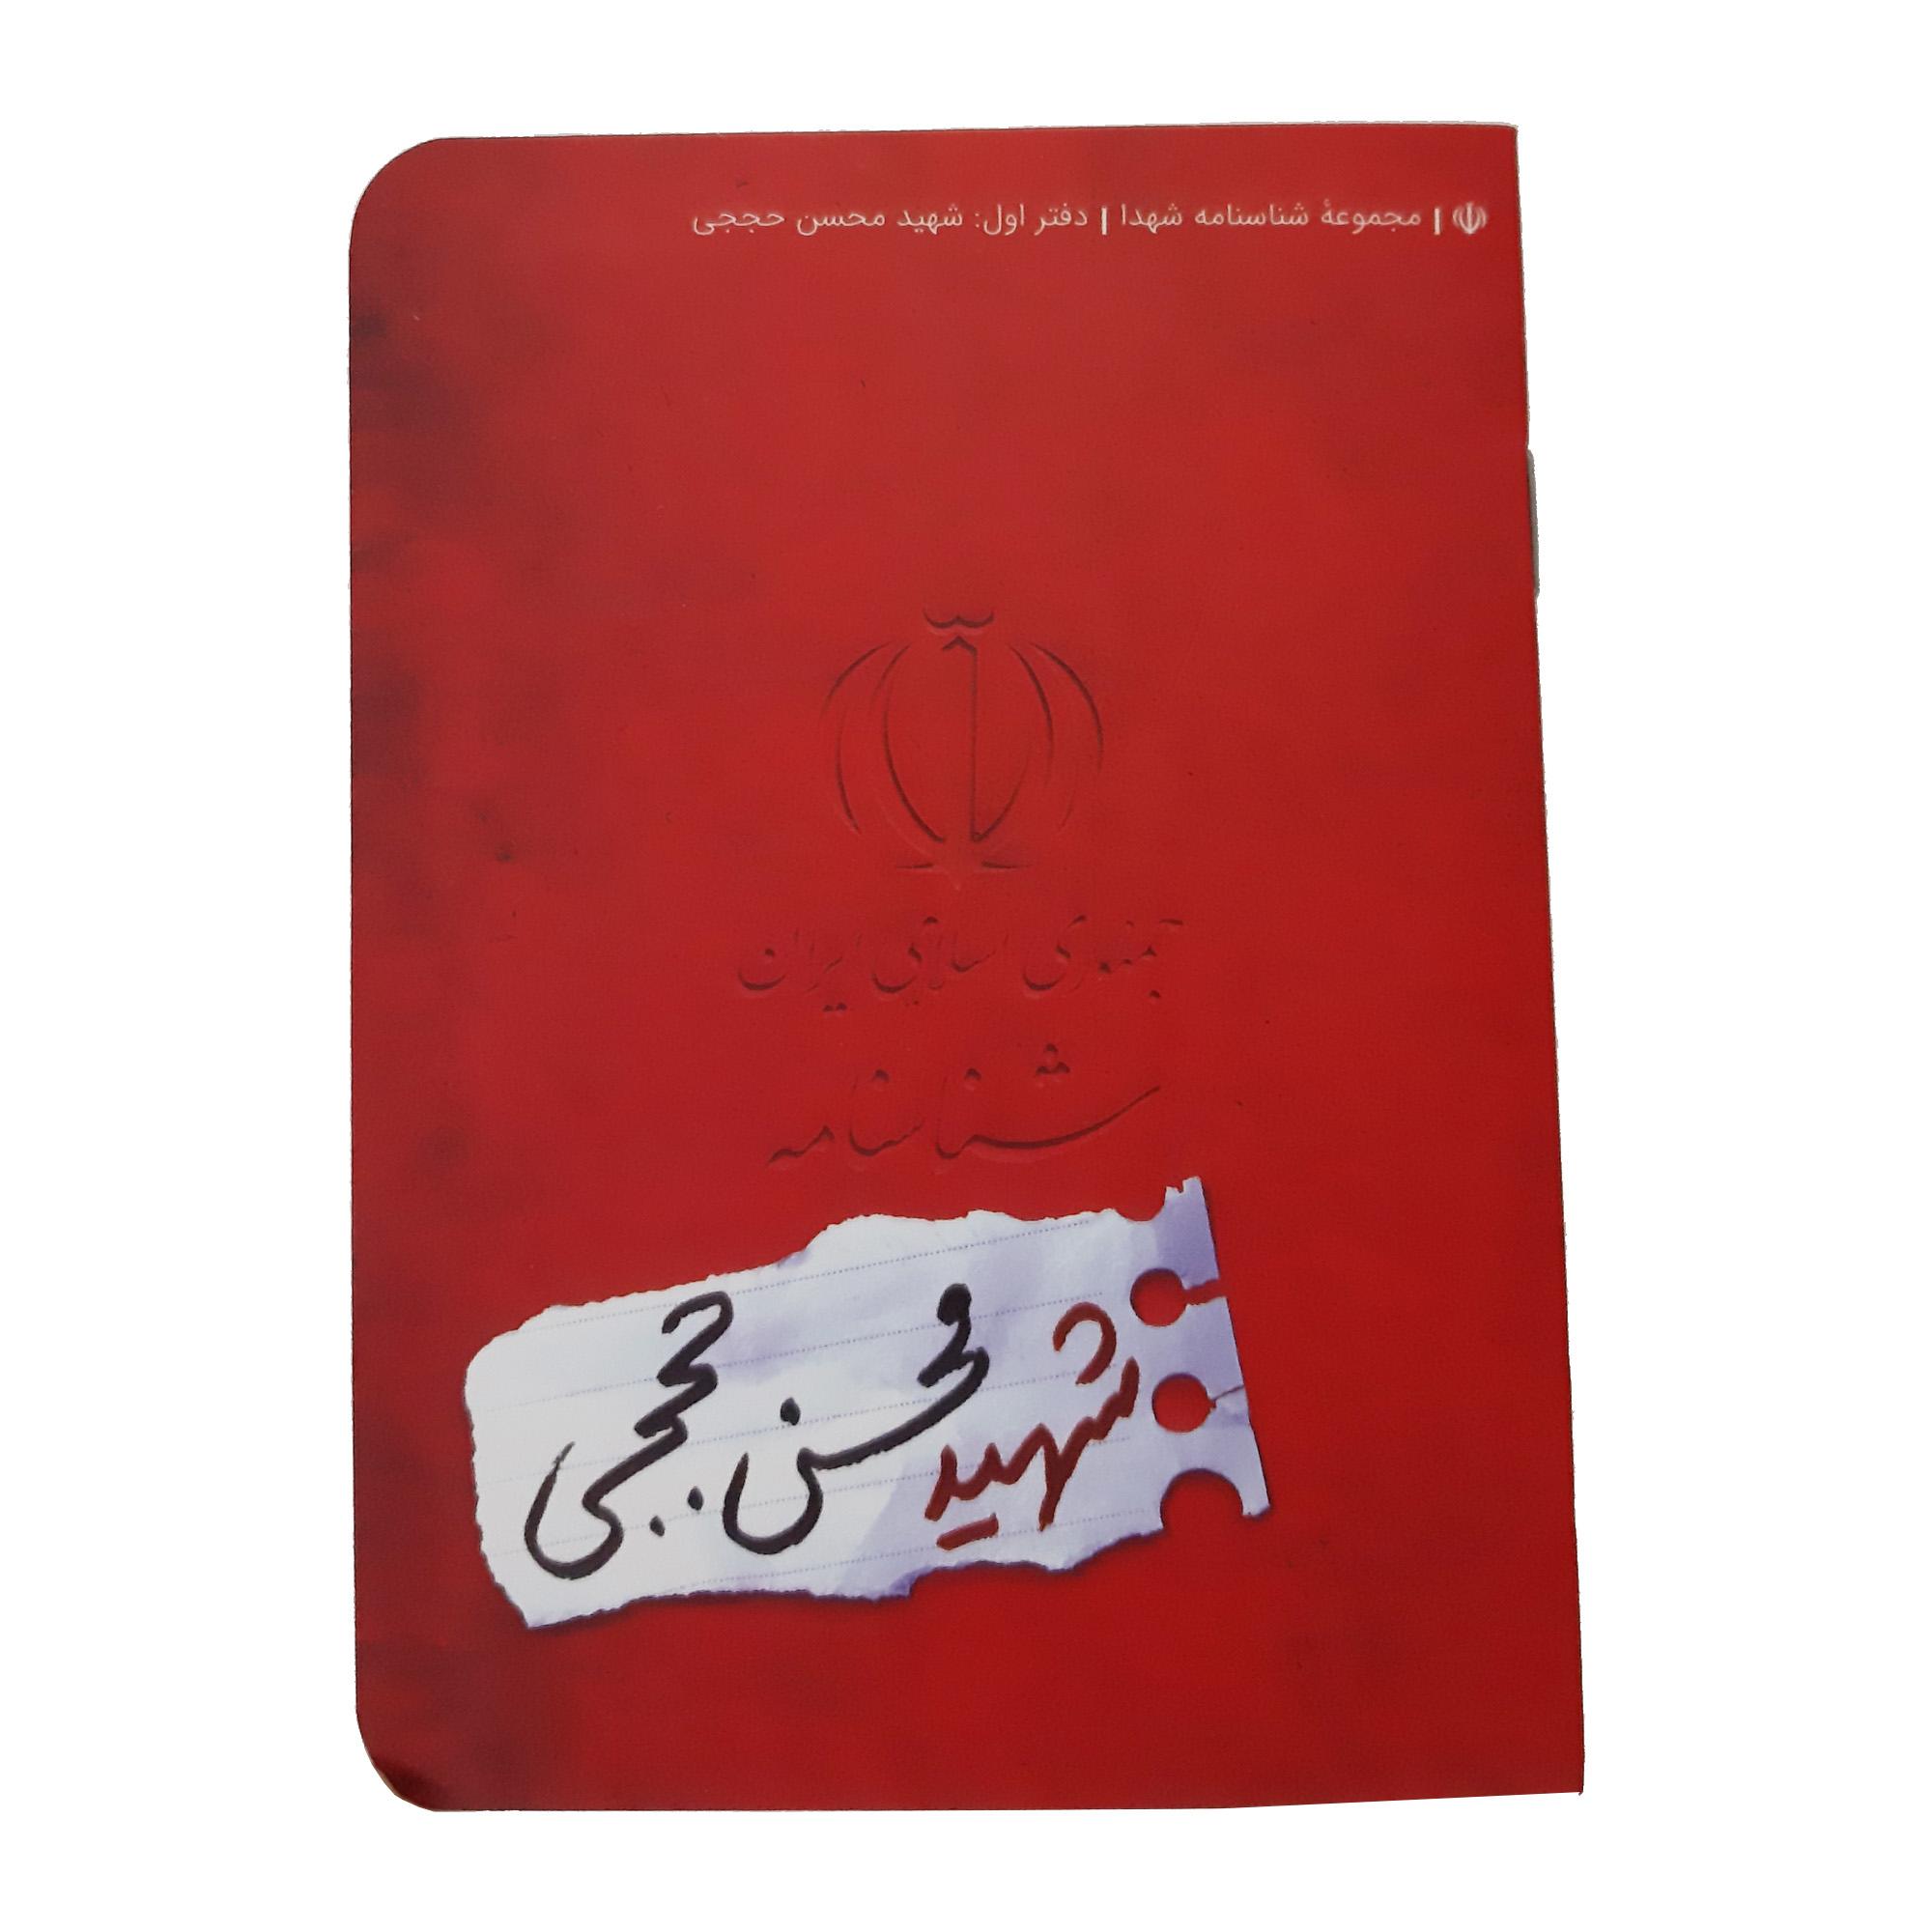 کتاب شناسنامه شهیدمحسن حججی اثرمحمدحسین قاسمی انتشارات کتابک